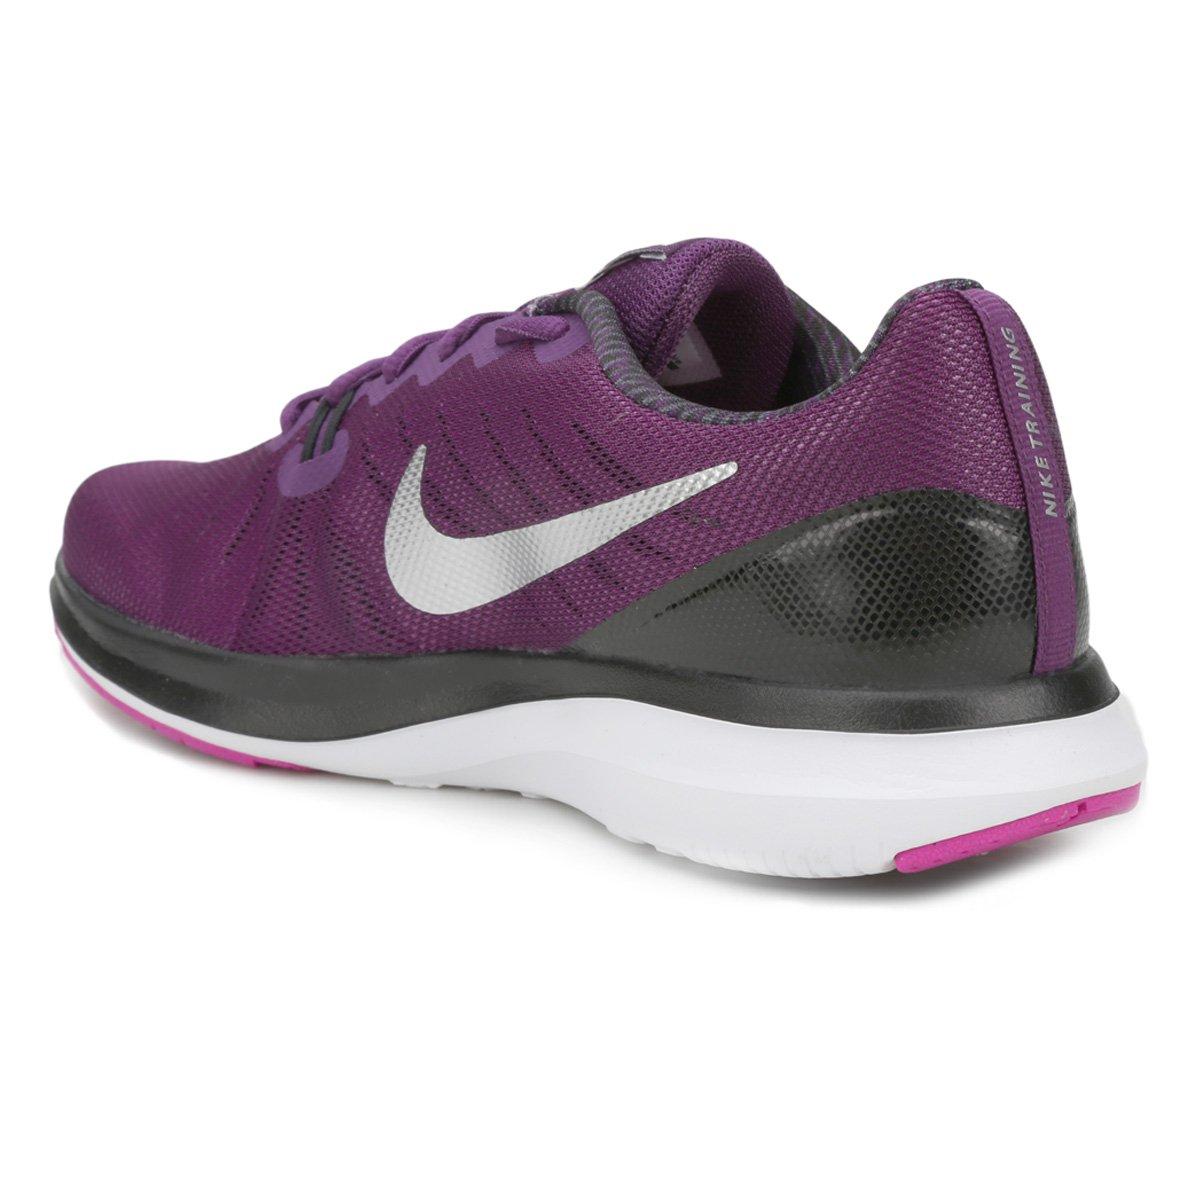 edecc15639 Tênis Nike In-Season TR 7 Feminino - Roxo - Compre Agora